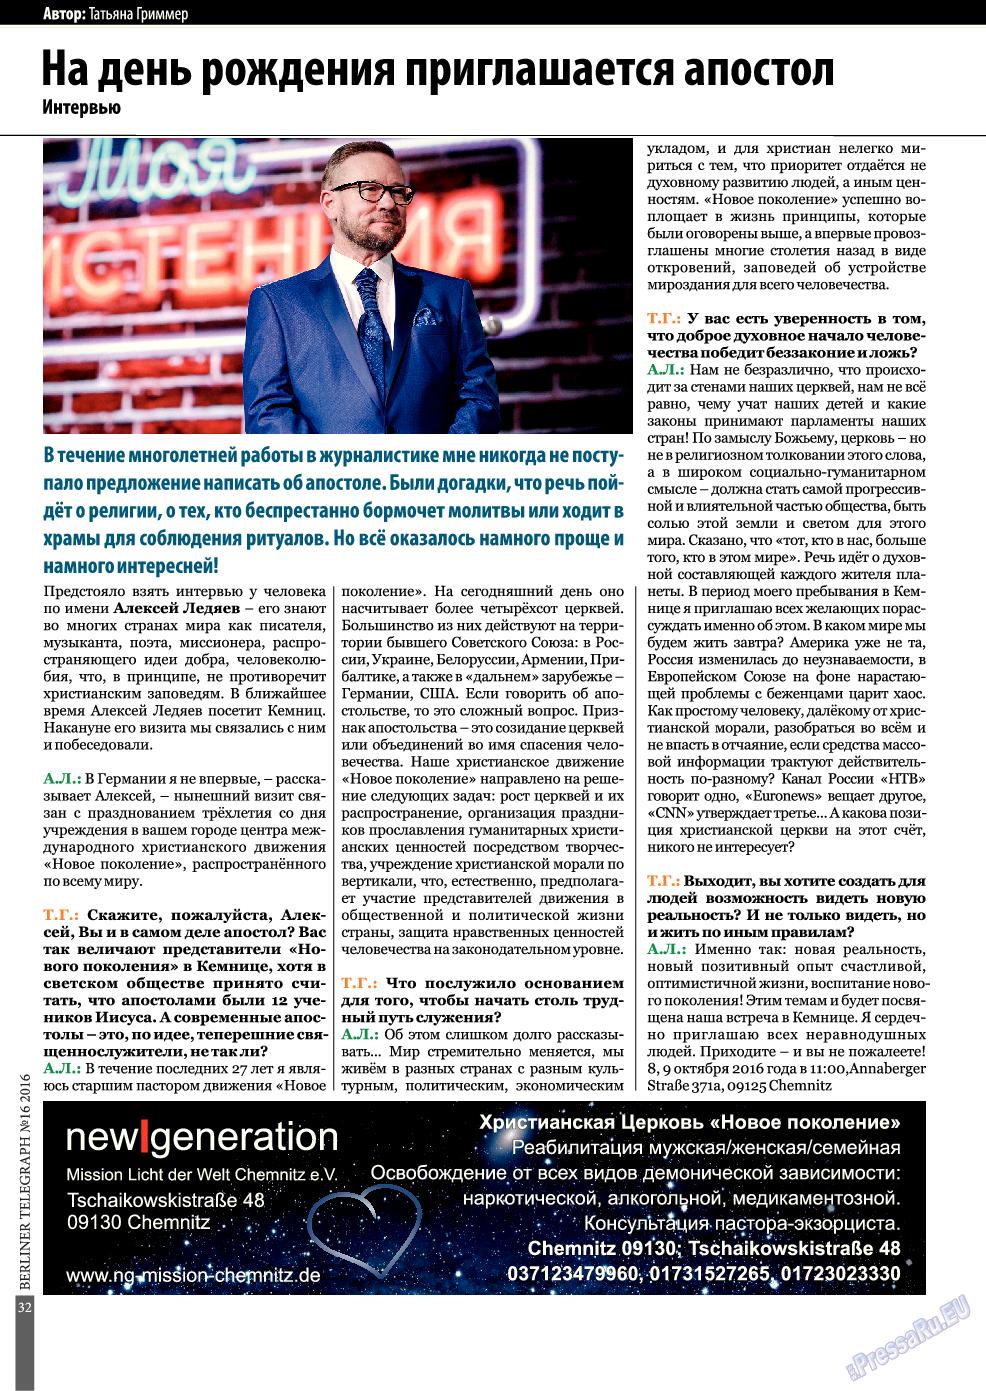 Берлинский телеграф (журнал). 2016 год, номер 16, стр. 32